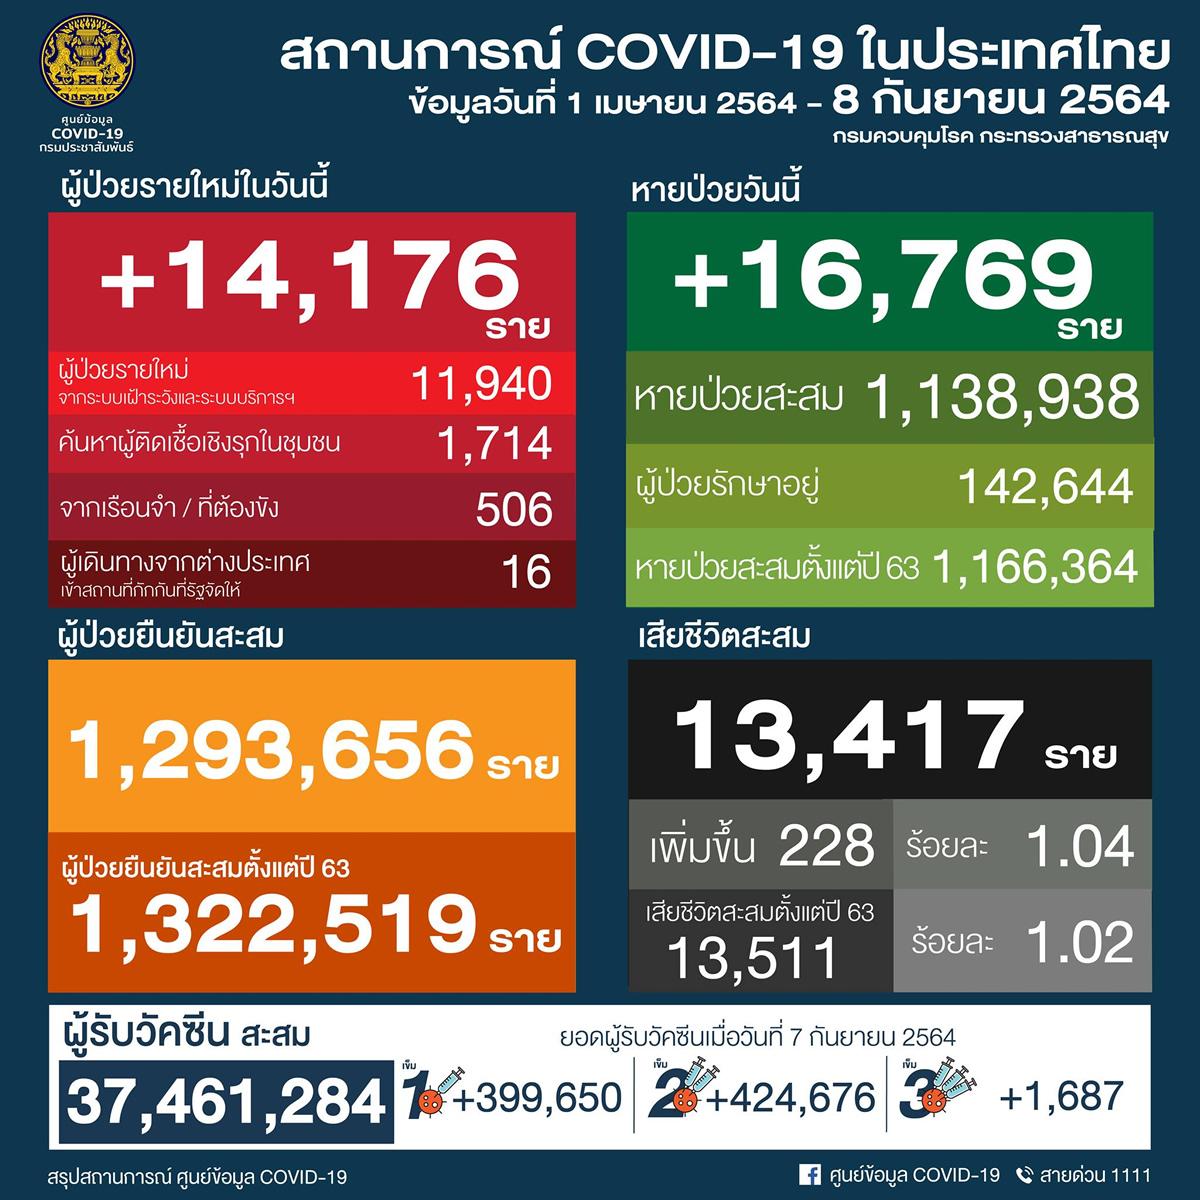 タイ 14,176人陽性 228人死亡/バンコク 3,691人陽性 50人死亡/プーケット 234人陽性[2021年9月8日発表]